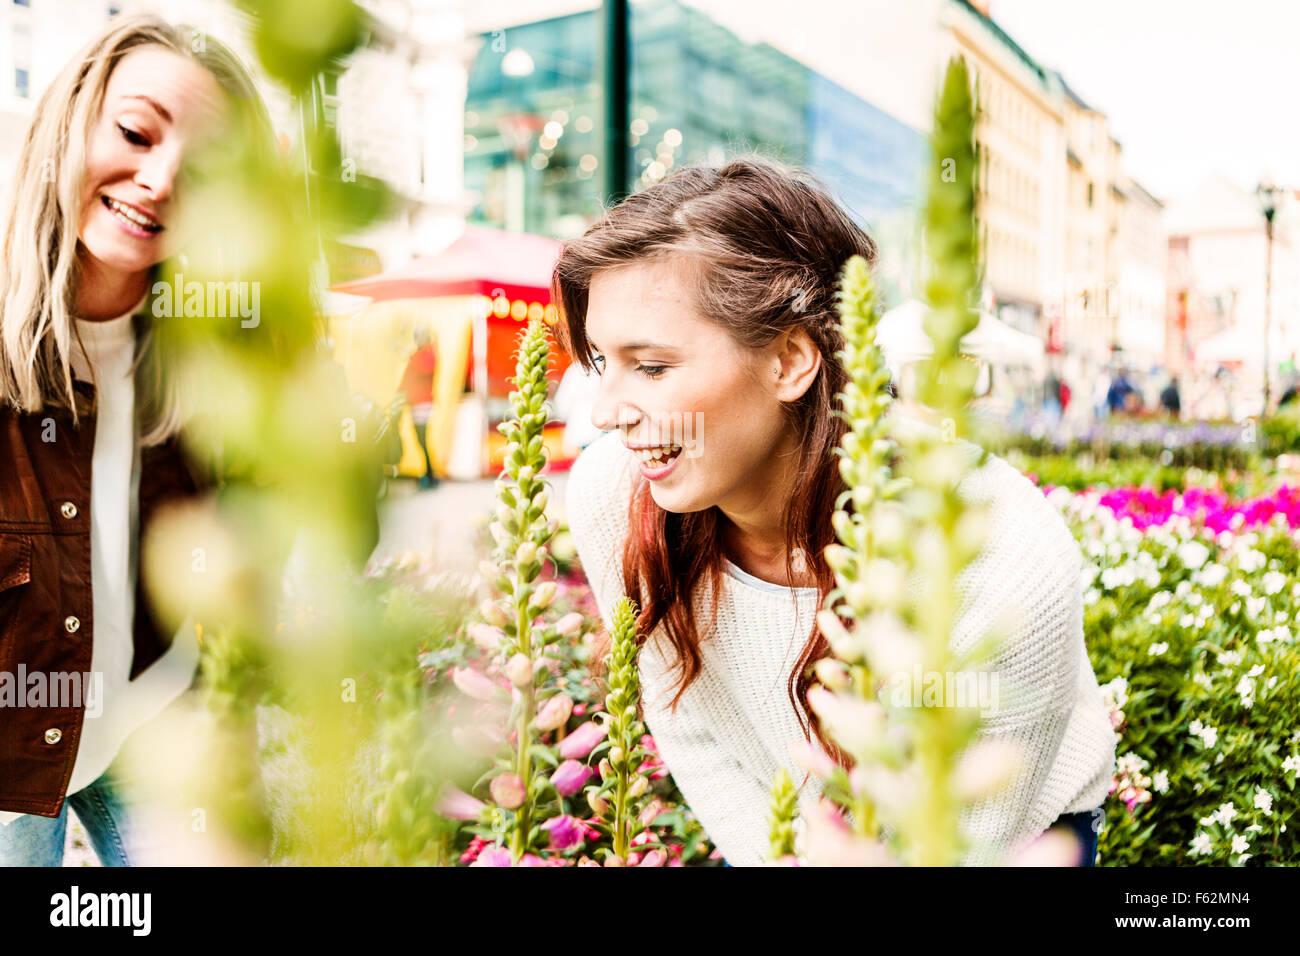 Lächelnden Freundinnen Blick auf Pflanzen im Markt Stockbild